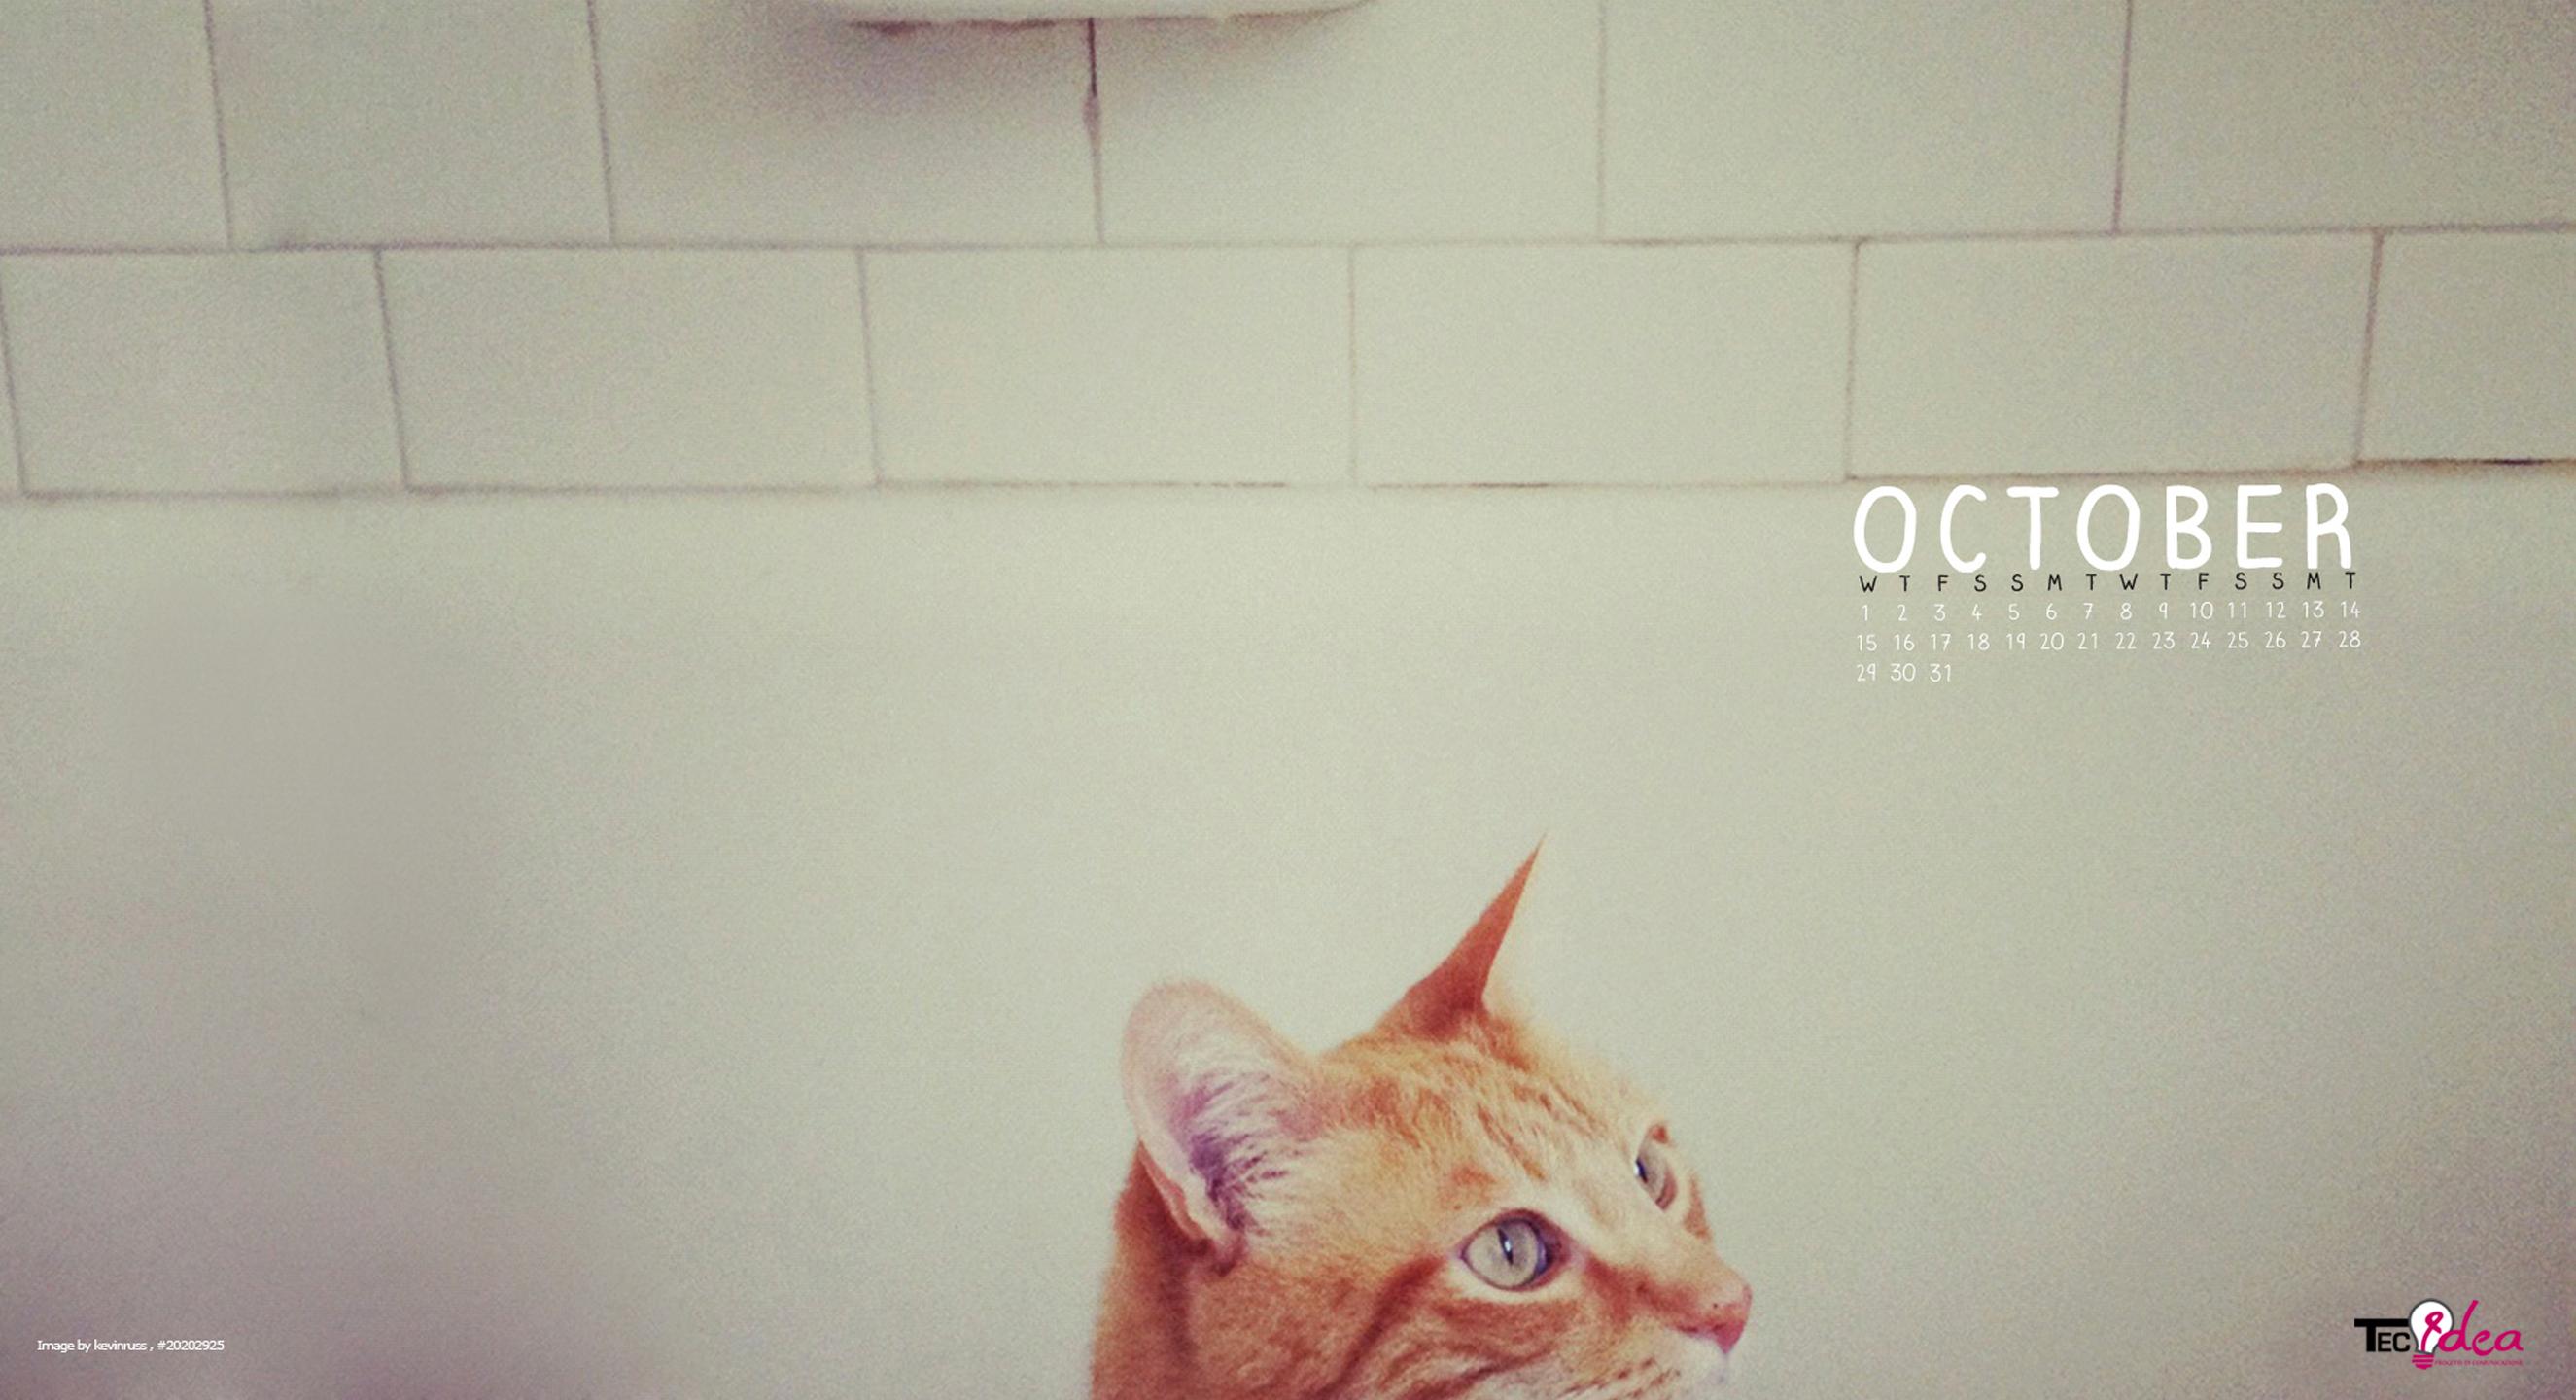 Ottobre 2014 - La curiosità del gatto